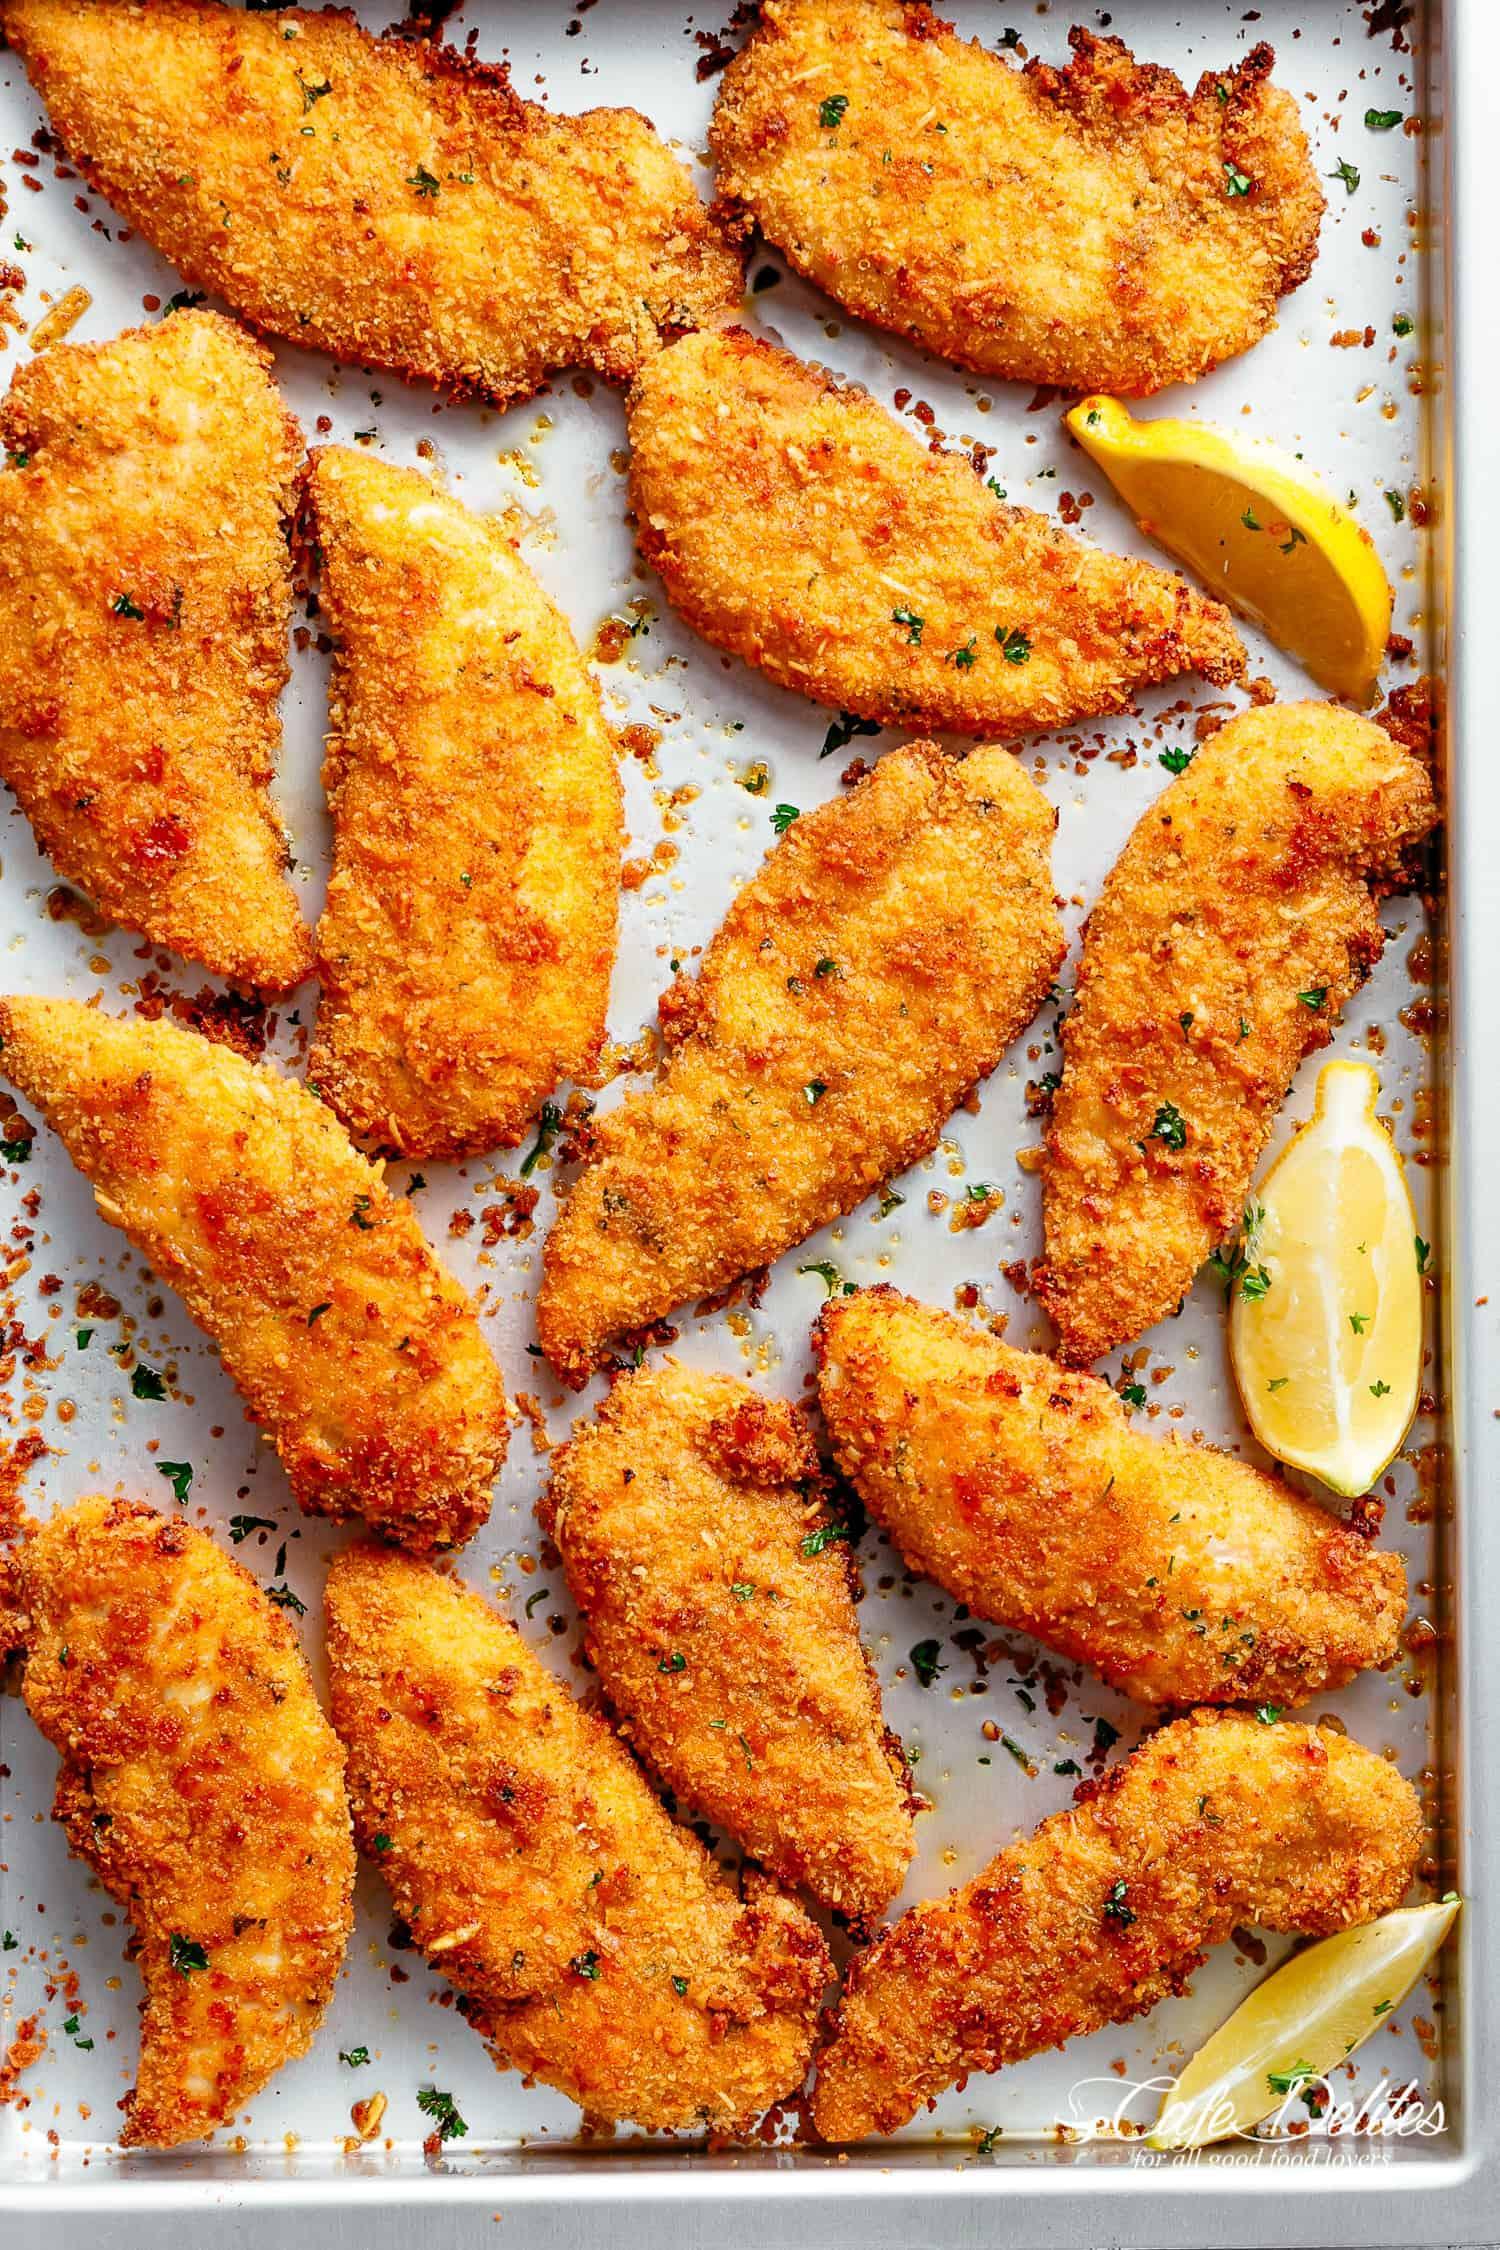 Weight Watchers Crispy Parmesan Chicken Strips